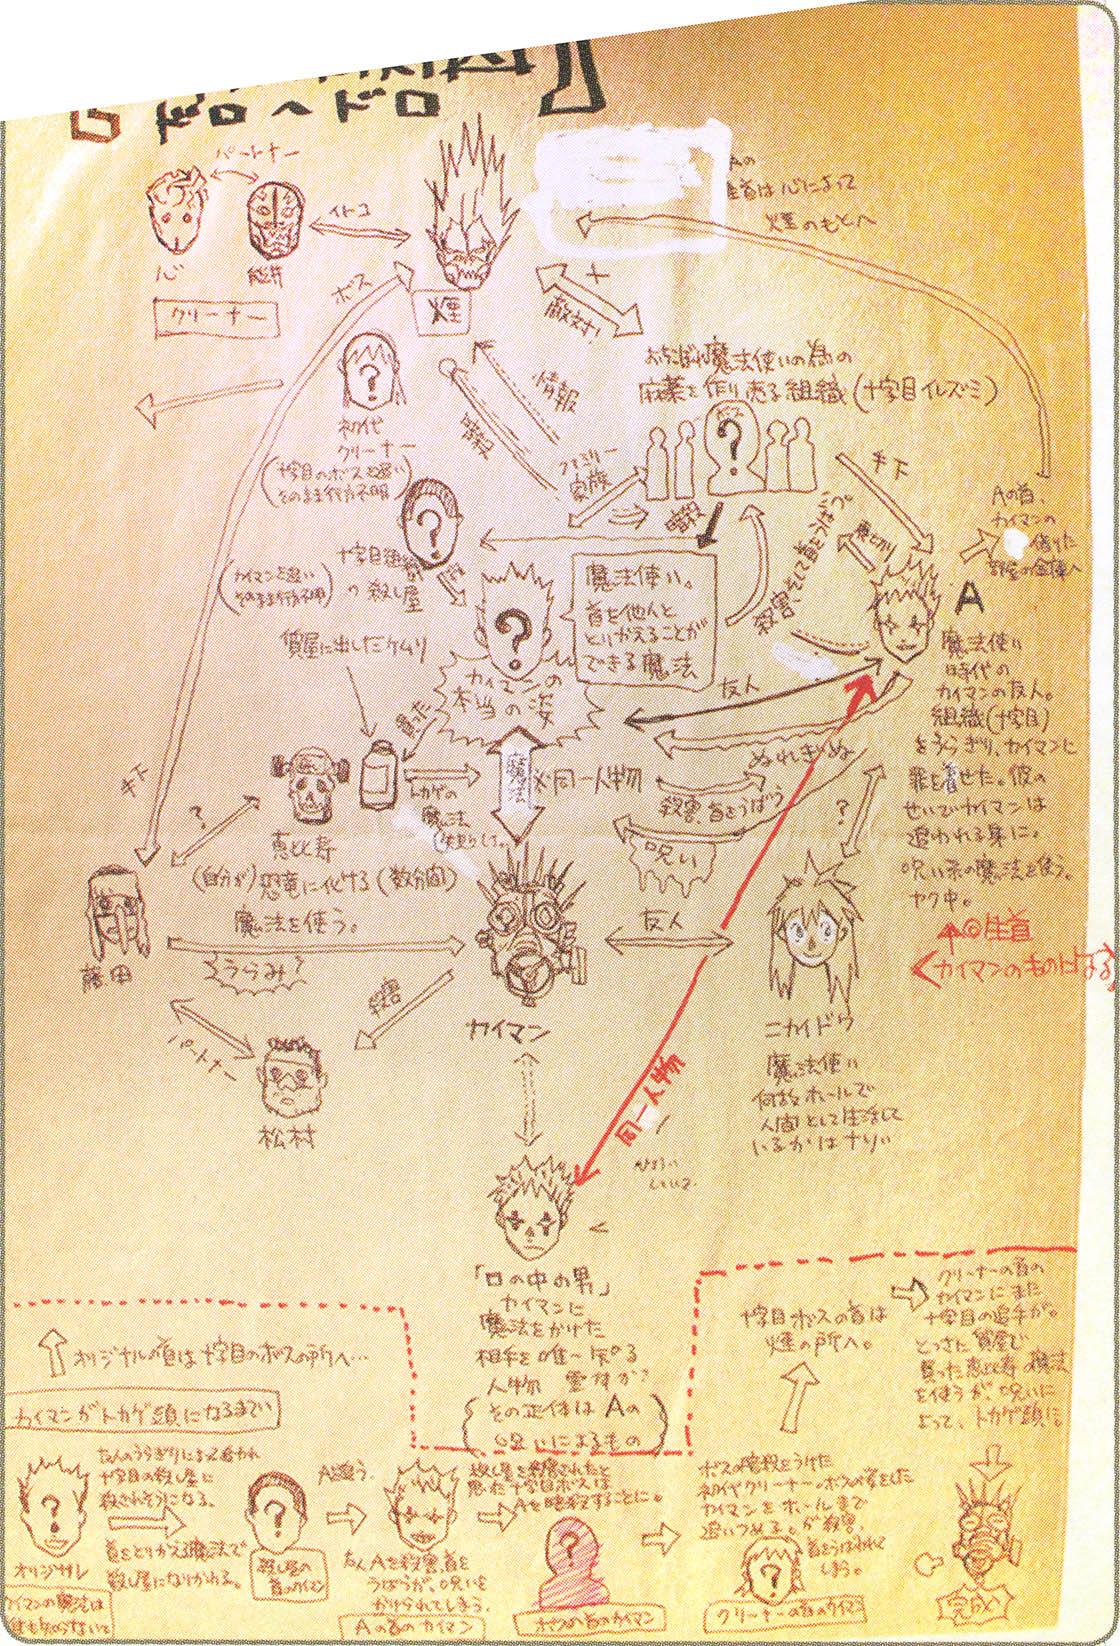 梦见脸上有血_林田球访谈⑤・ドロヘドロ/异兽魔都(季刊S 64号刊载) – 地音球